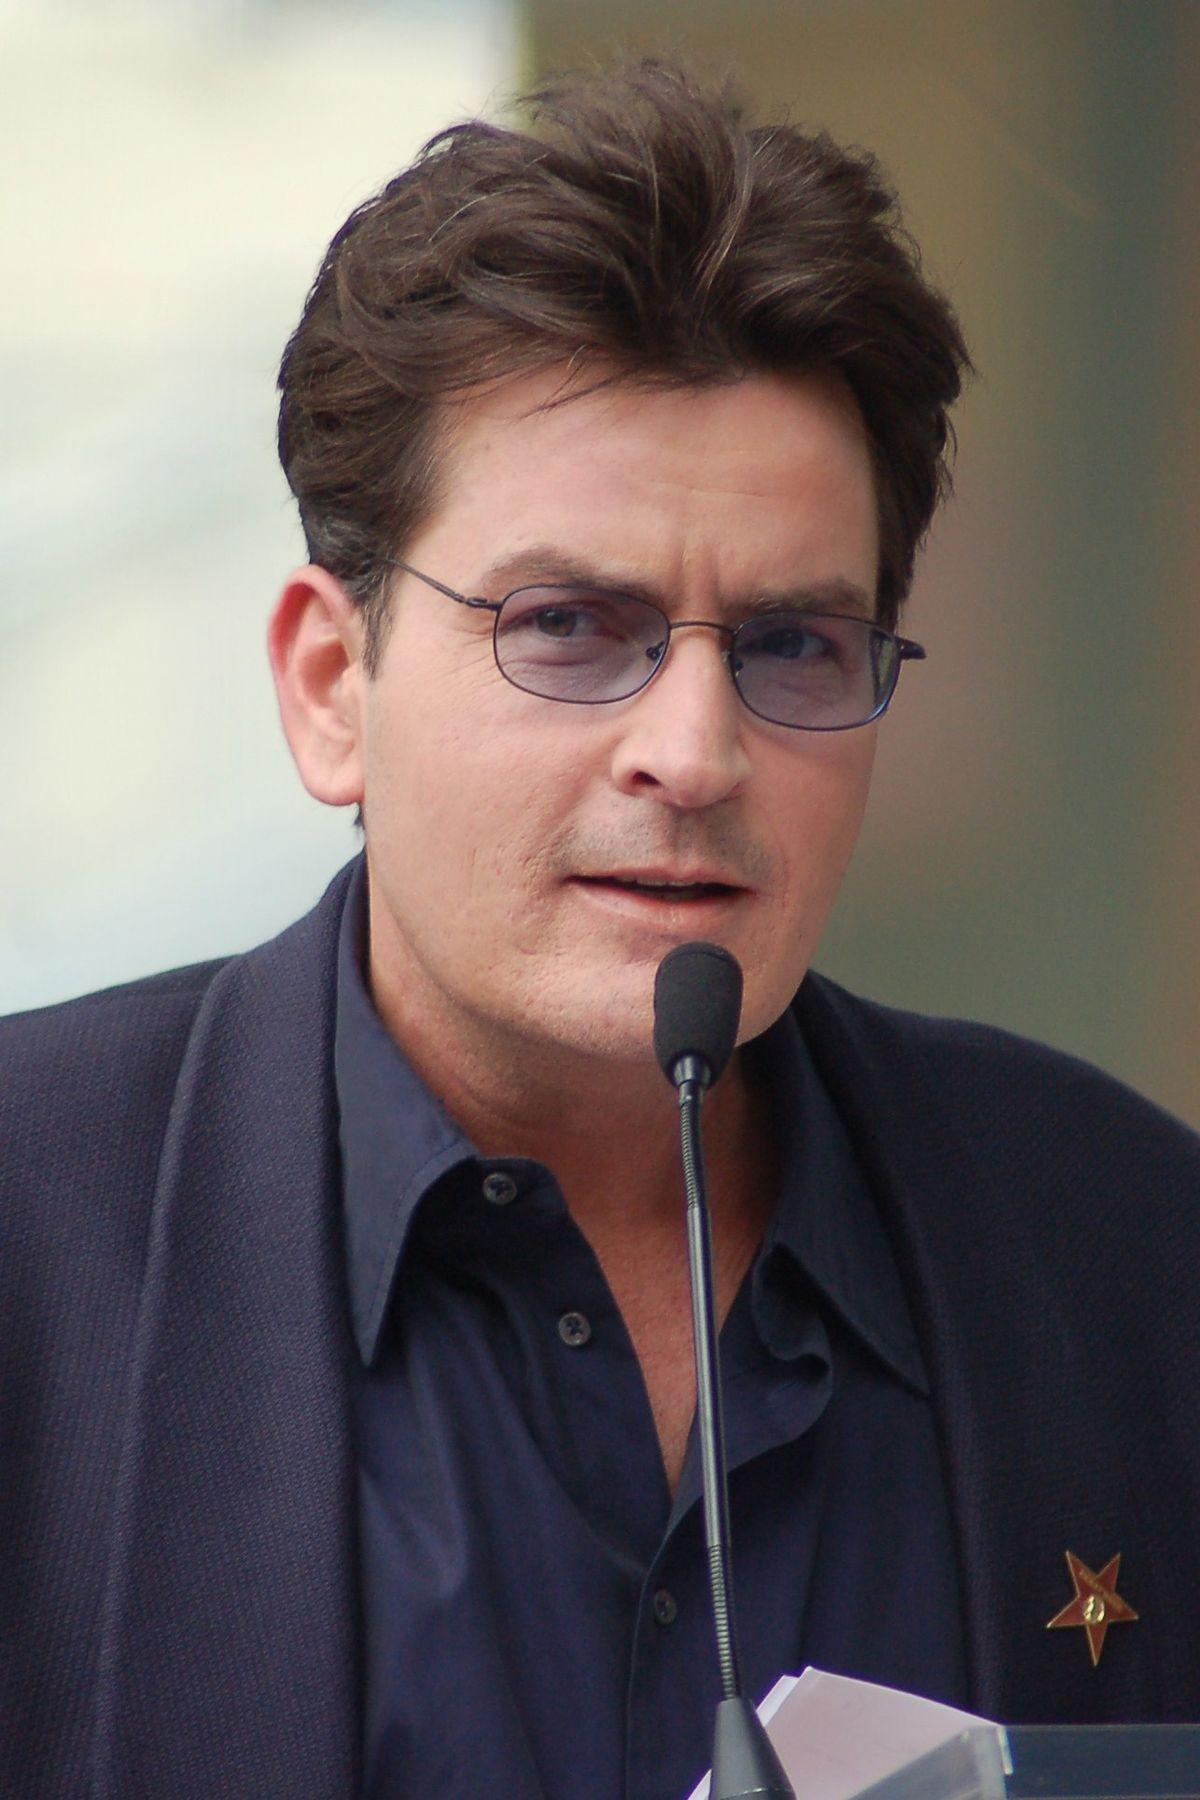 Charlie Sheen - Wikipedia